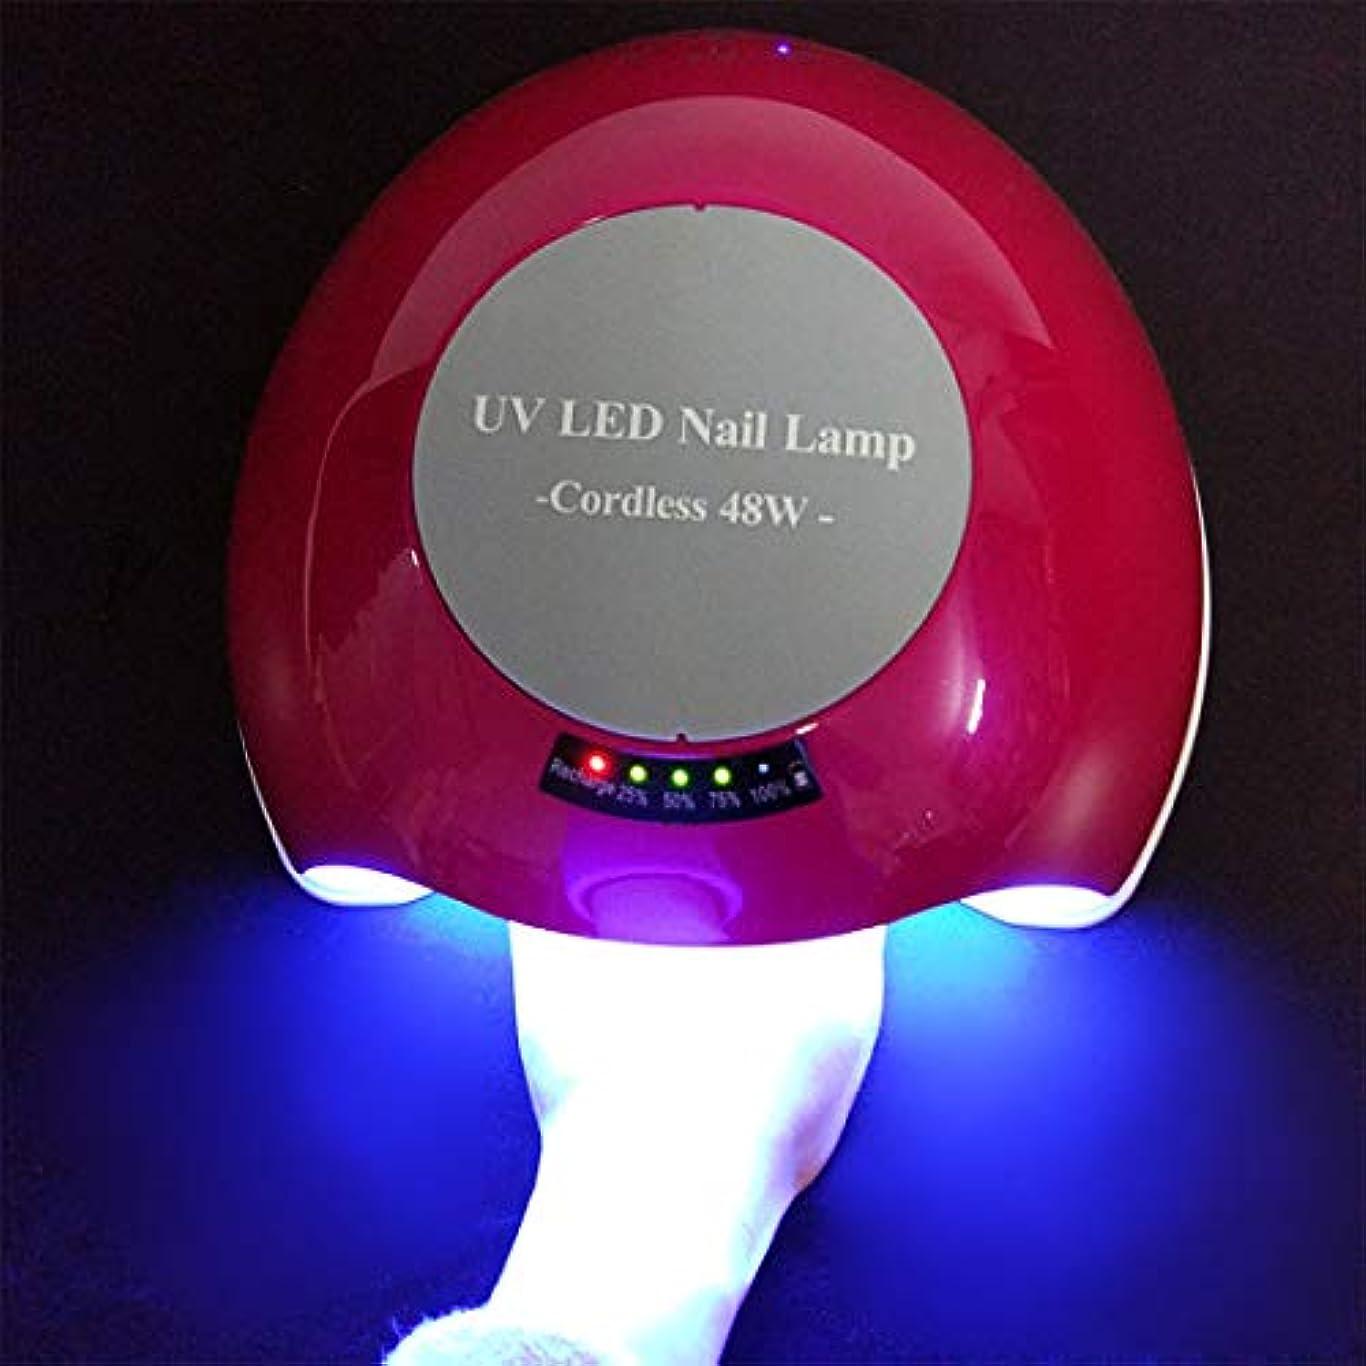 シェラックおよびゲルの釘のための48W専門の紫外線およびLEDの釘ランプそして釘のドライヤーの表示,Red